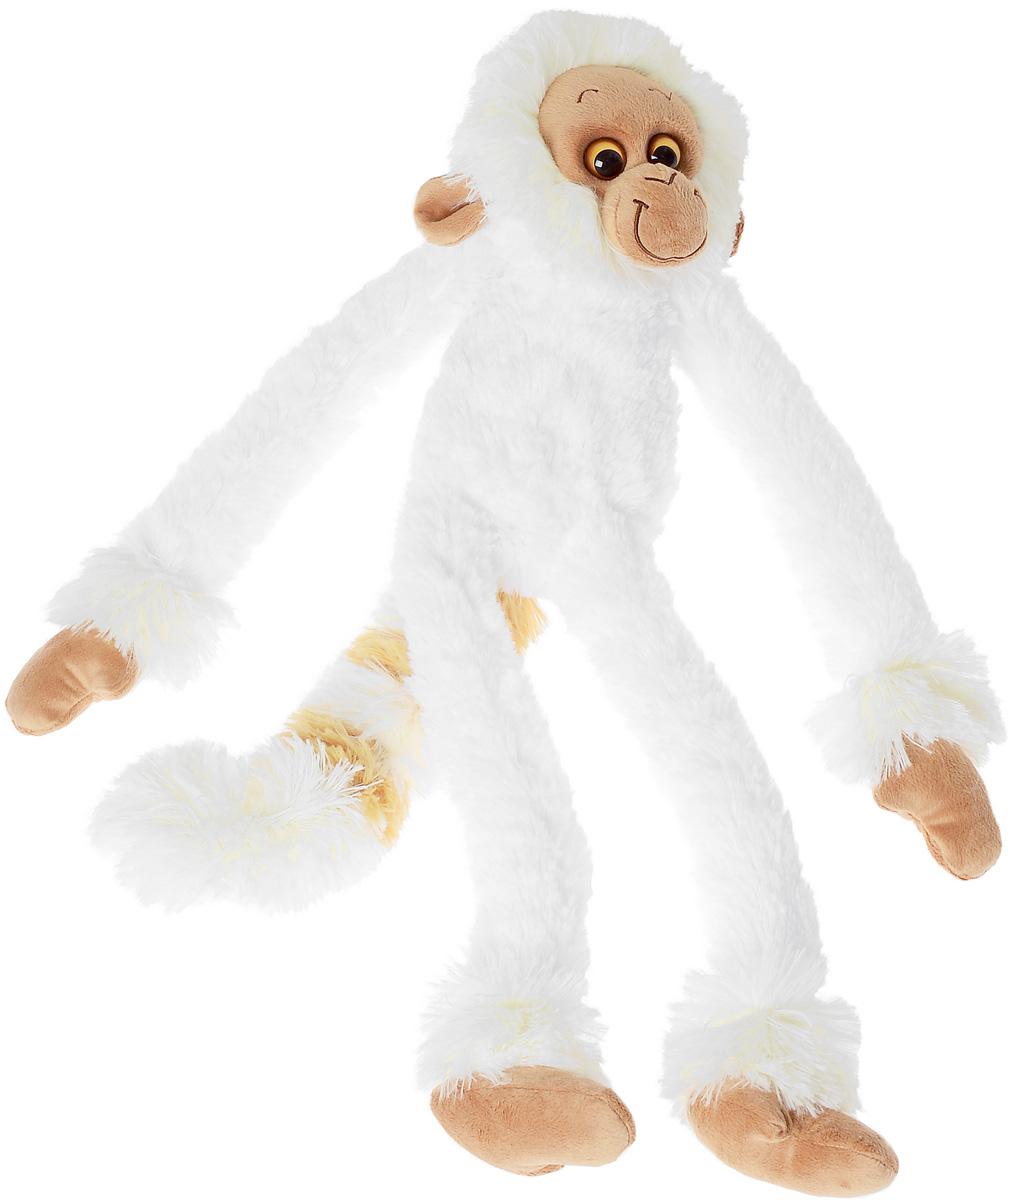 СмолТойс Мягкая игрушка Обезьянка Машка-обнимашка цвет белый 60 см